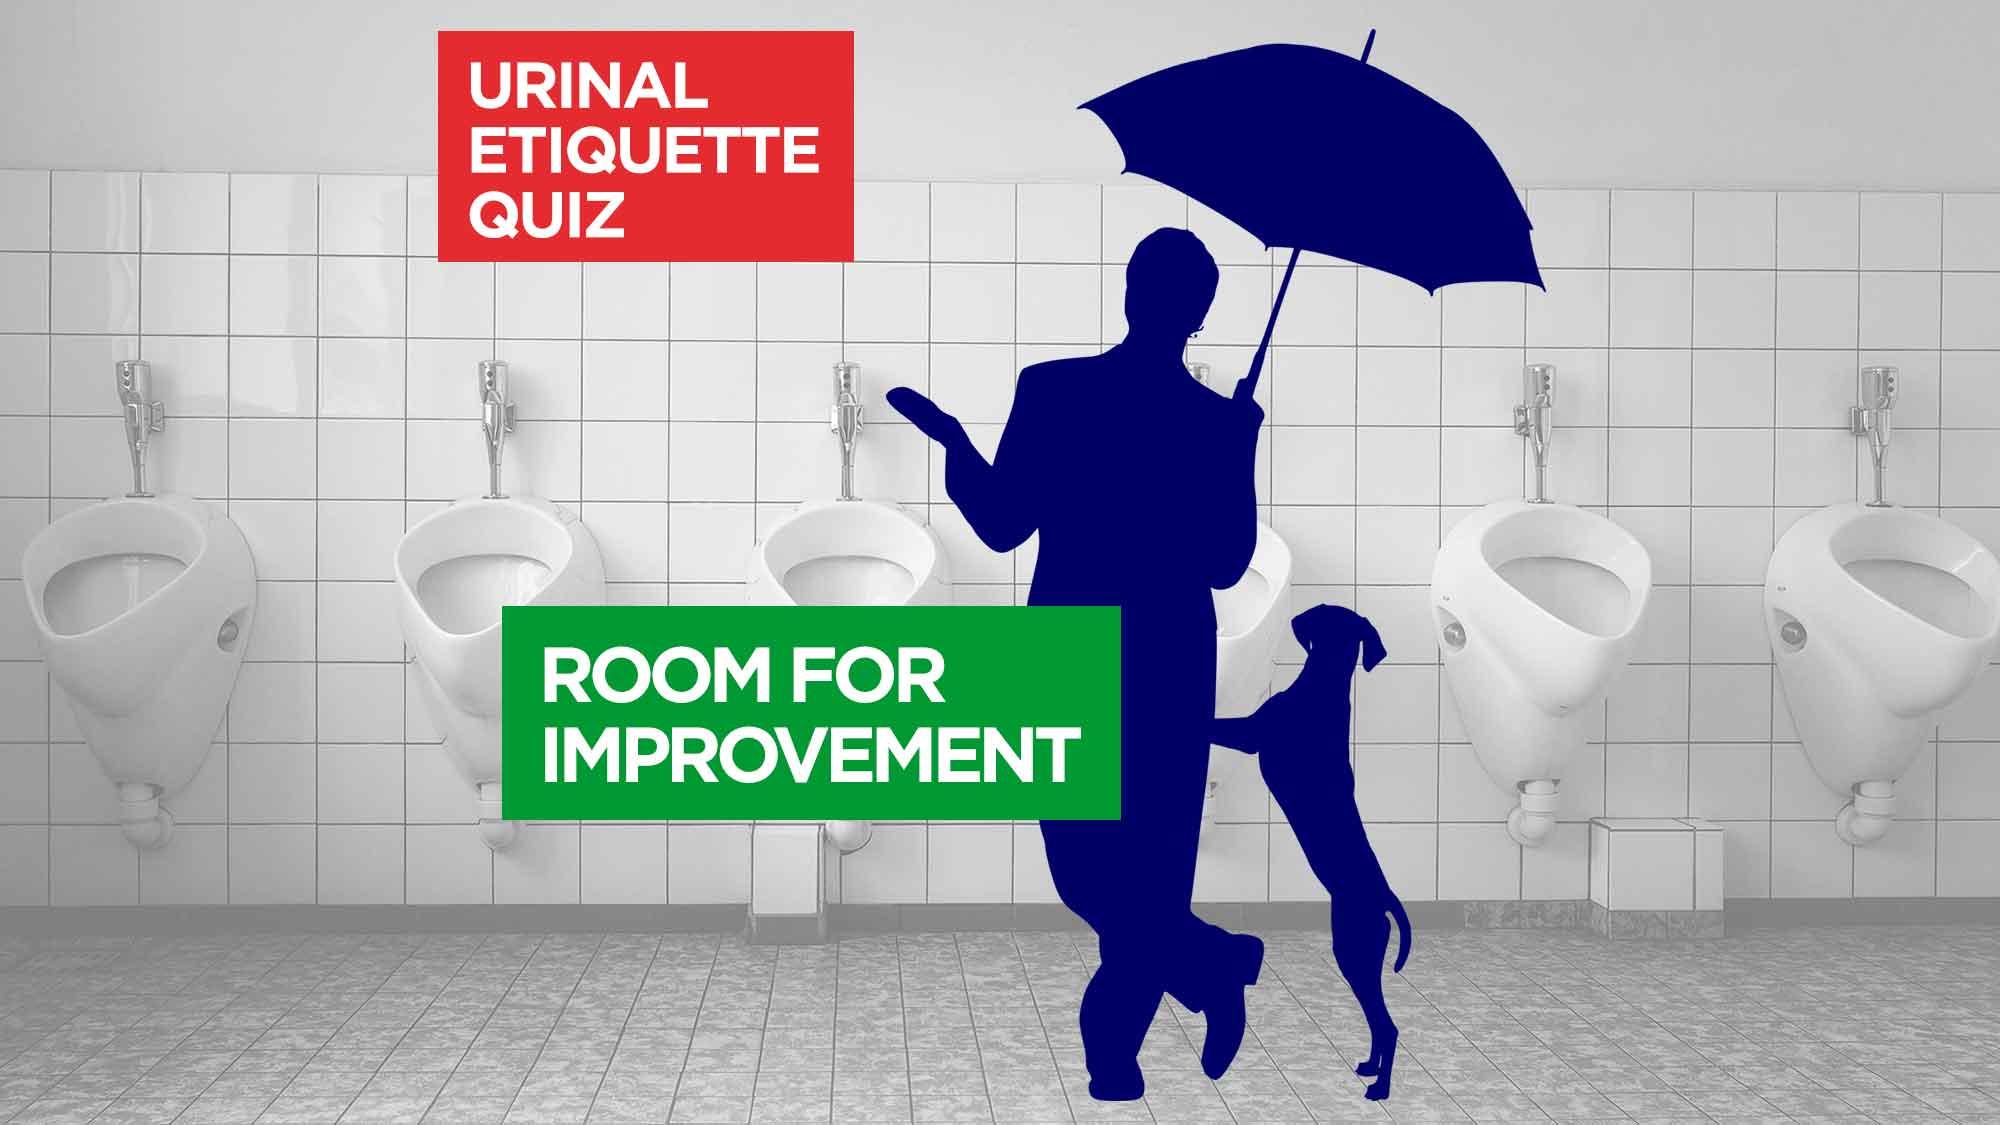 Urinal Etiquette Quiz